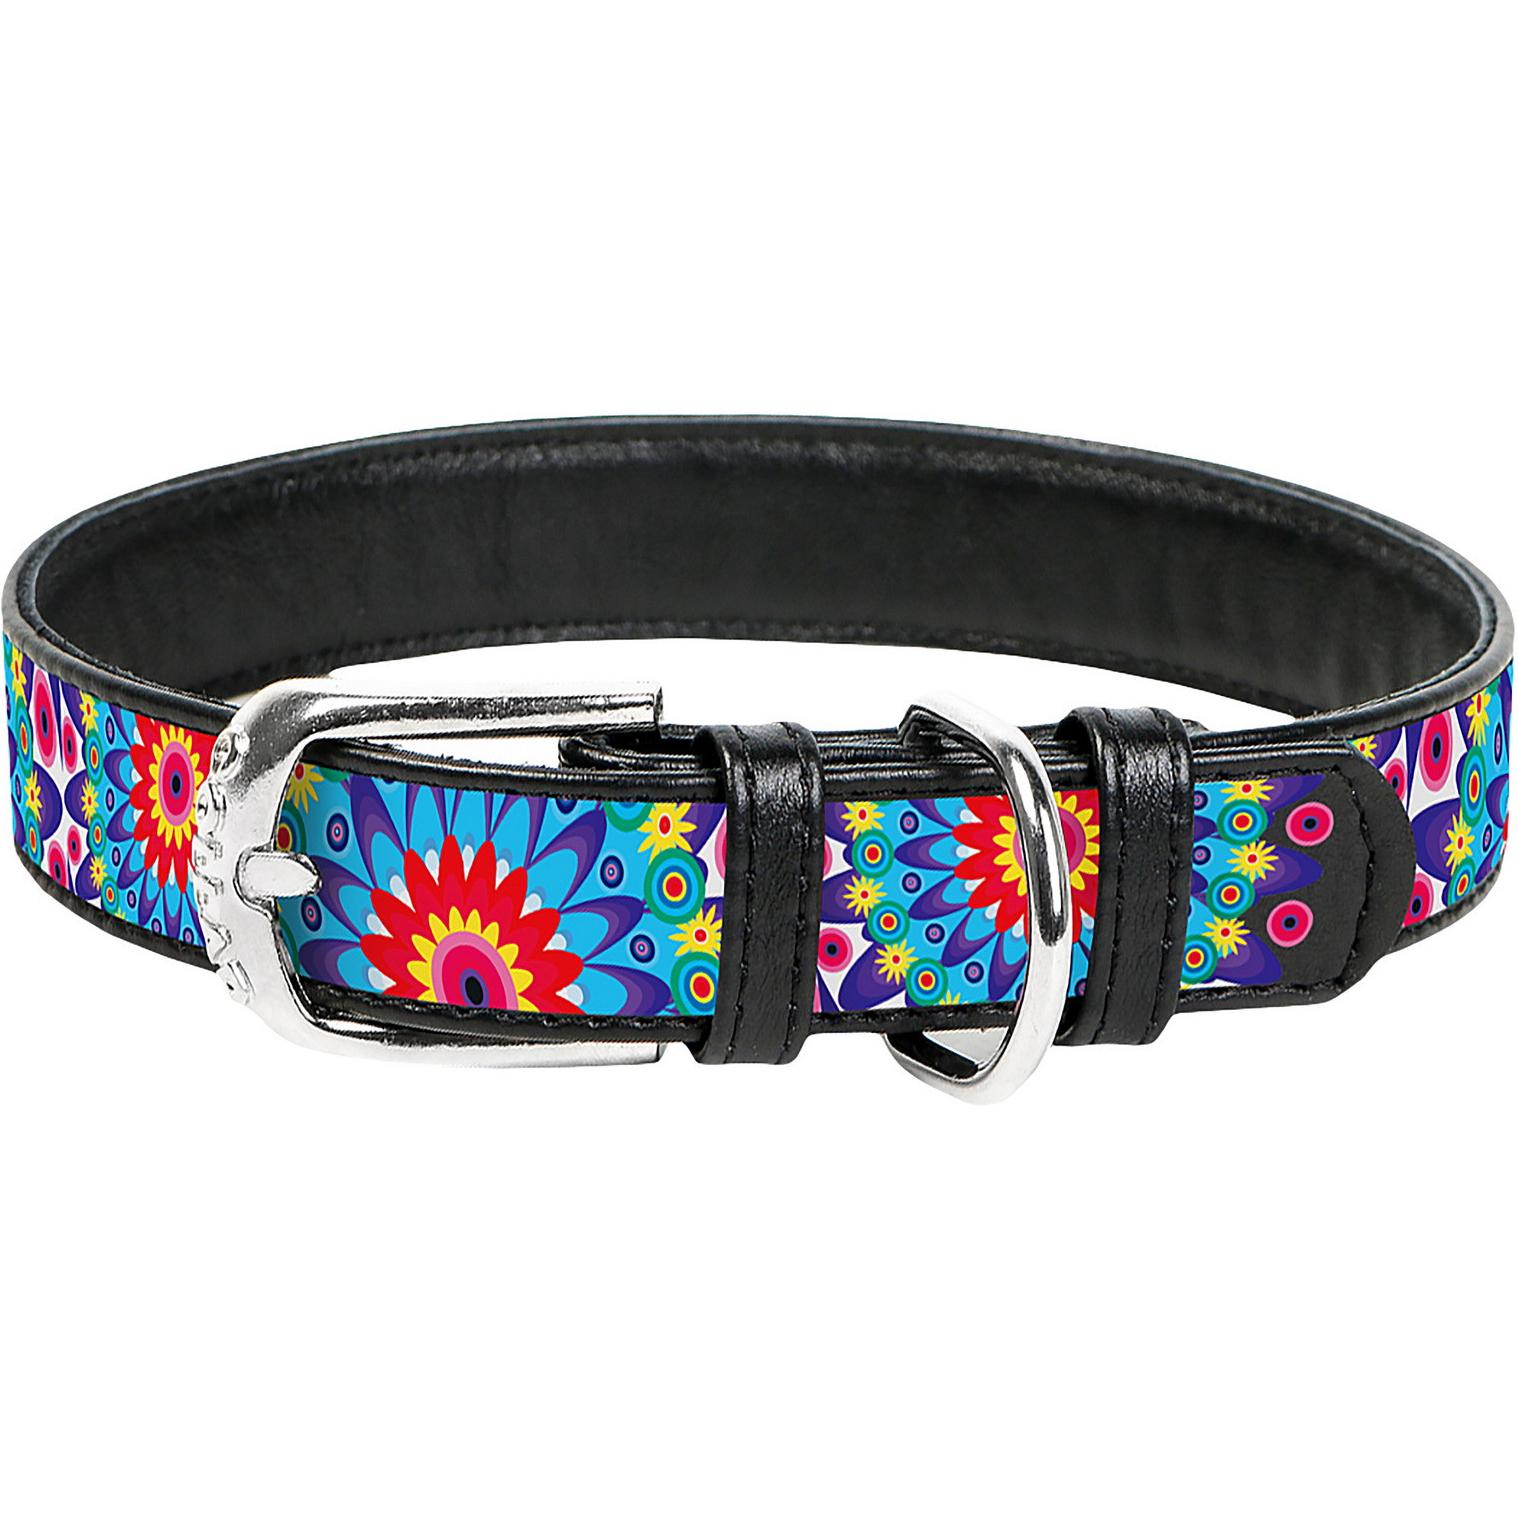 Фото - Ошейник для собак COLLAR Waudog с рисунком Цветы 12 мм 19-25 см Черный ошейник для собак collar waudog с рисунком цветы 15 мм 27 36 см черный